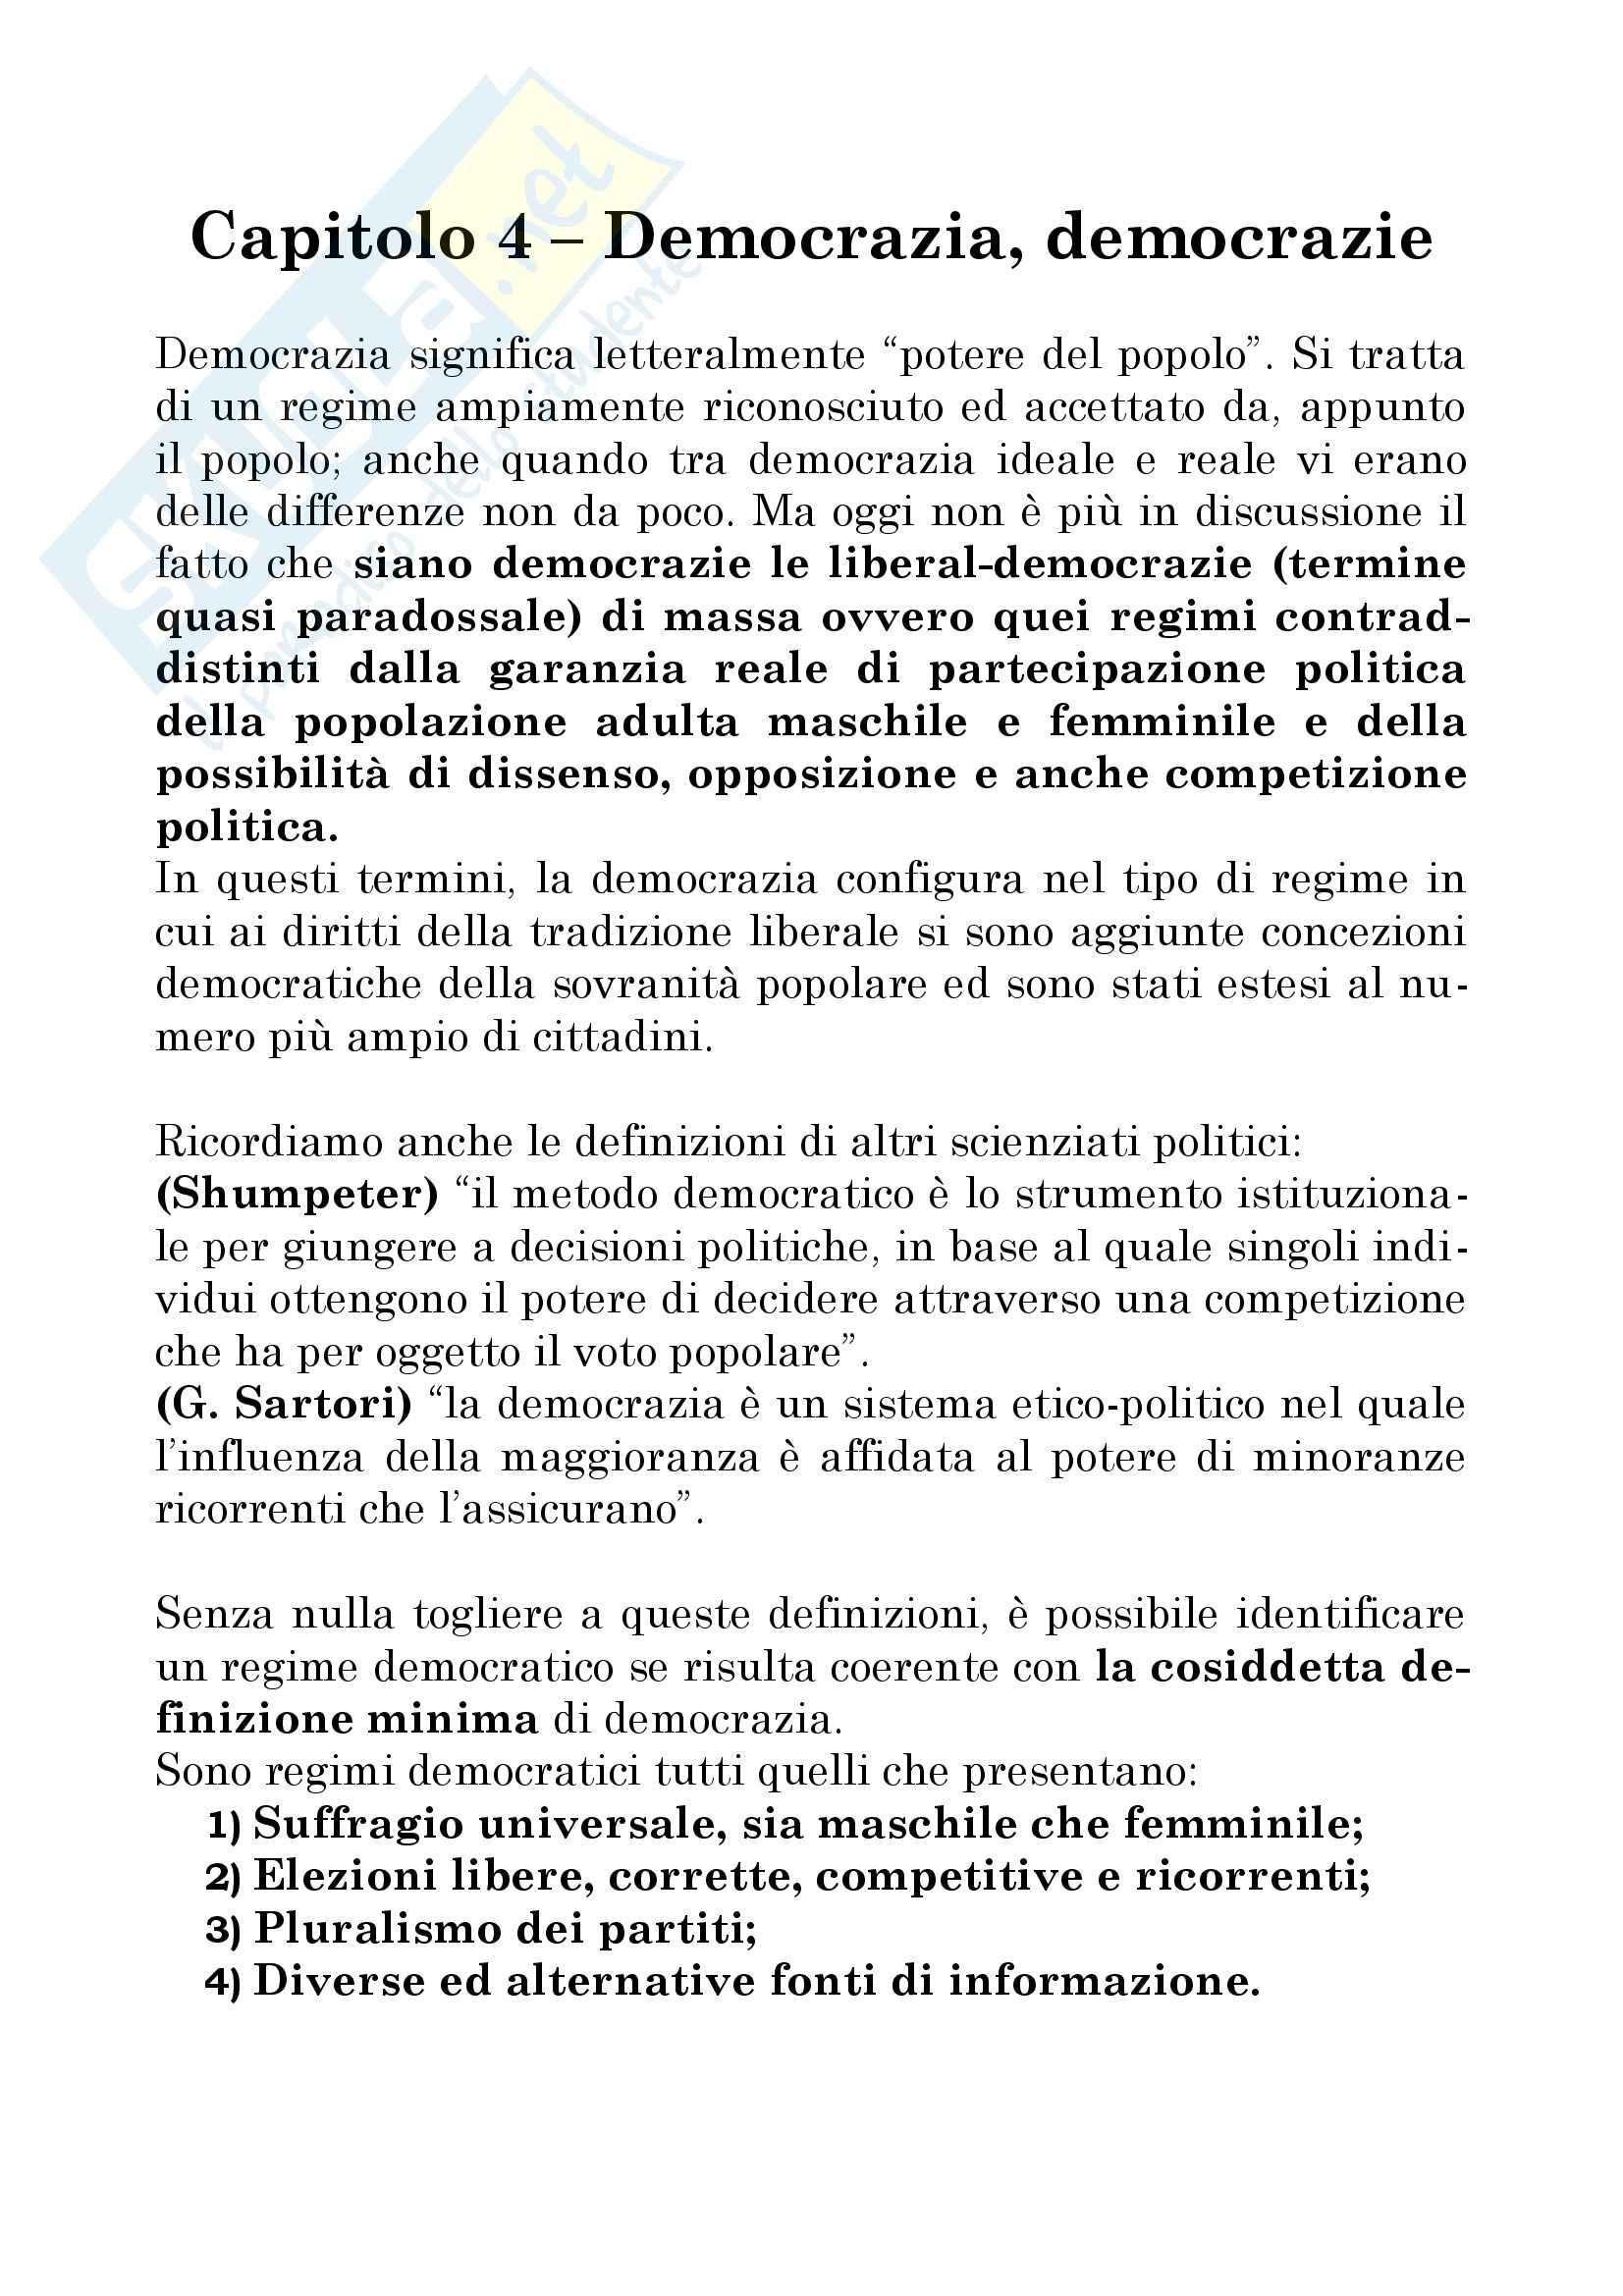 Manuale di scienza politica a cura di Cotta, della Porta e Morlino - capitolo 4